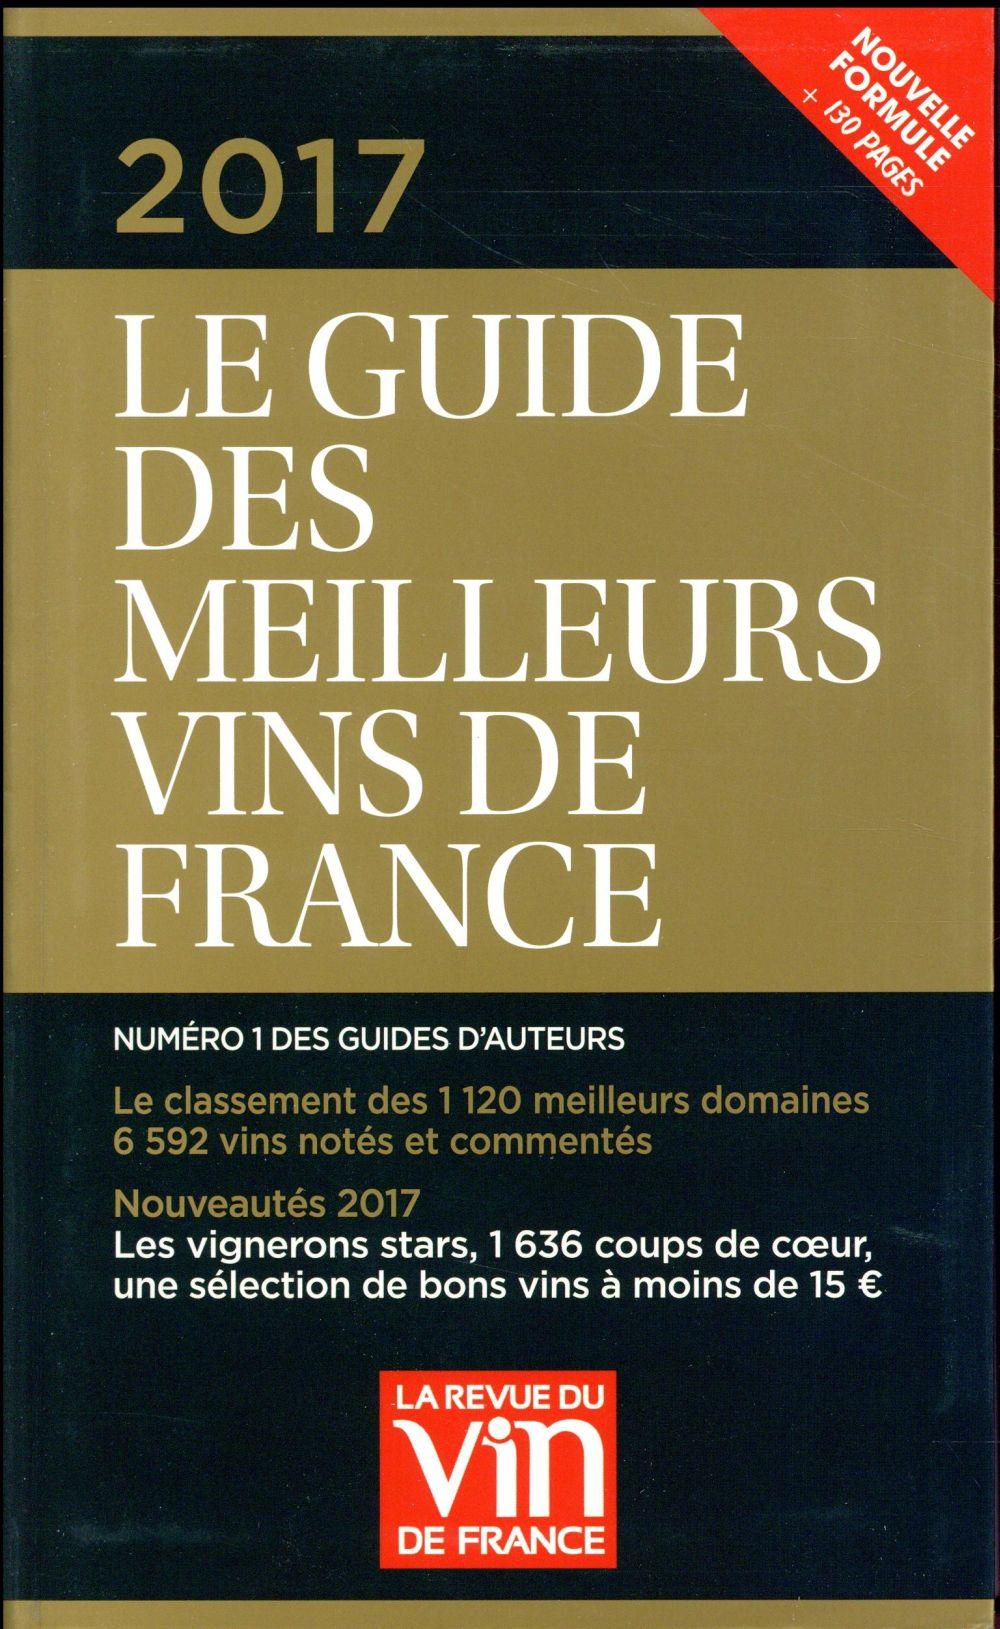 Le guide vert des meilleurs vins de France (édition 2017)